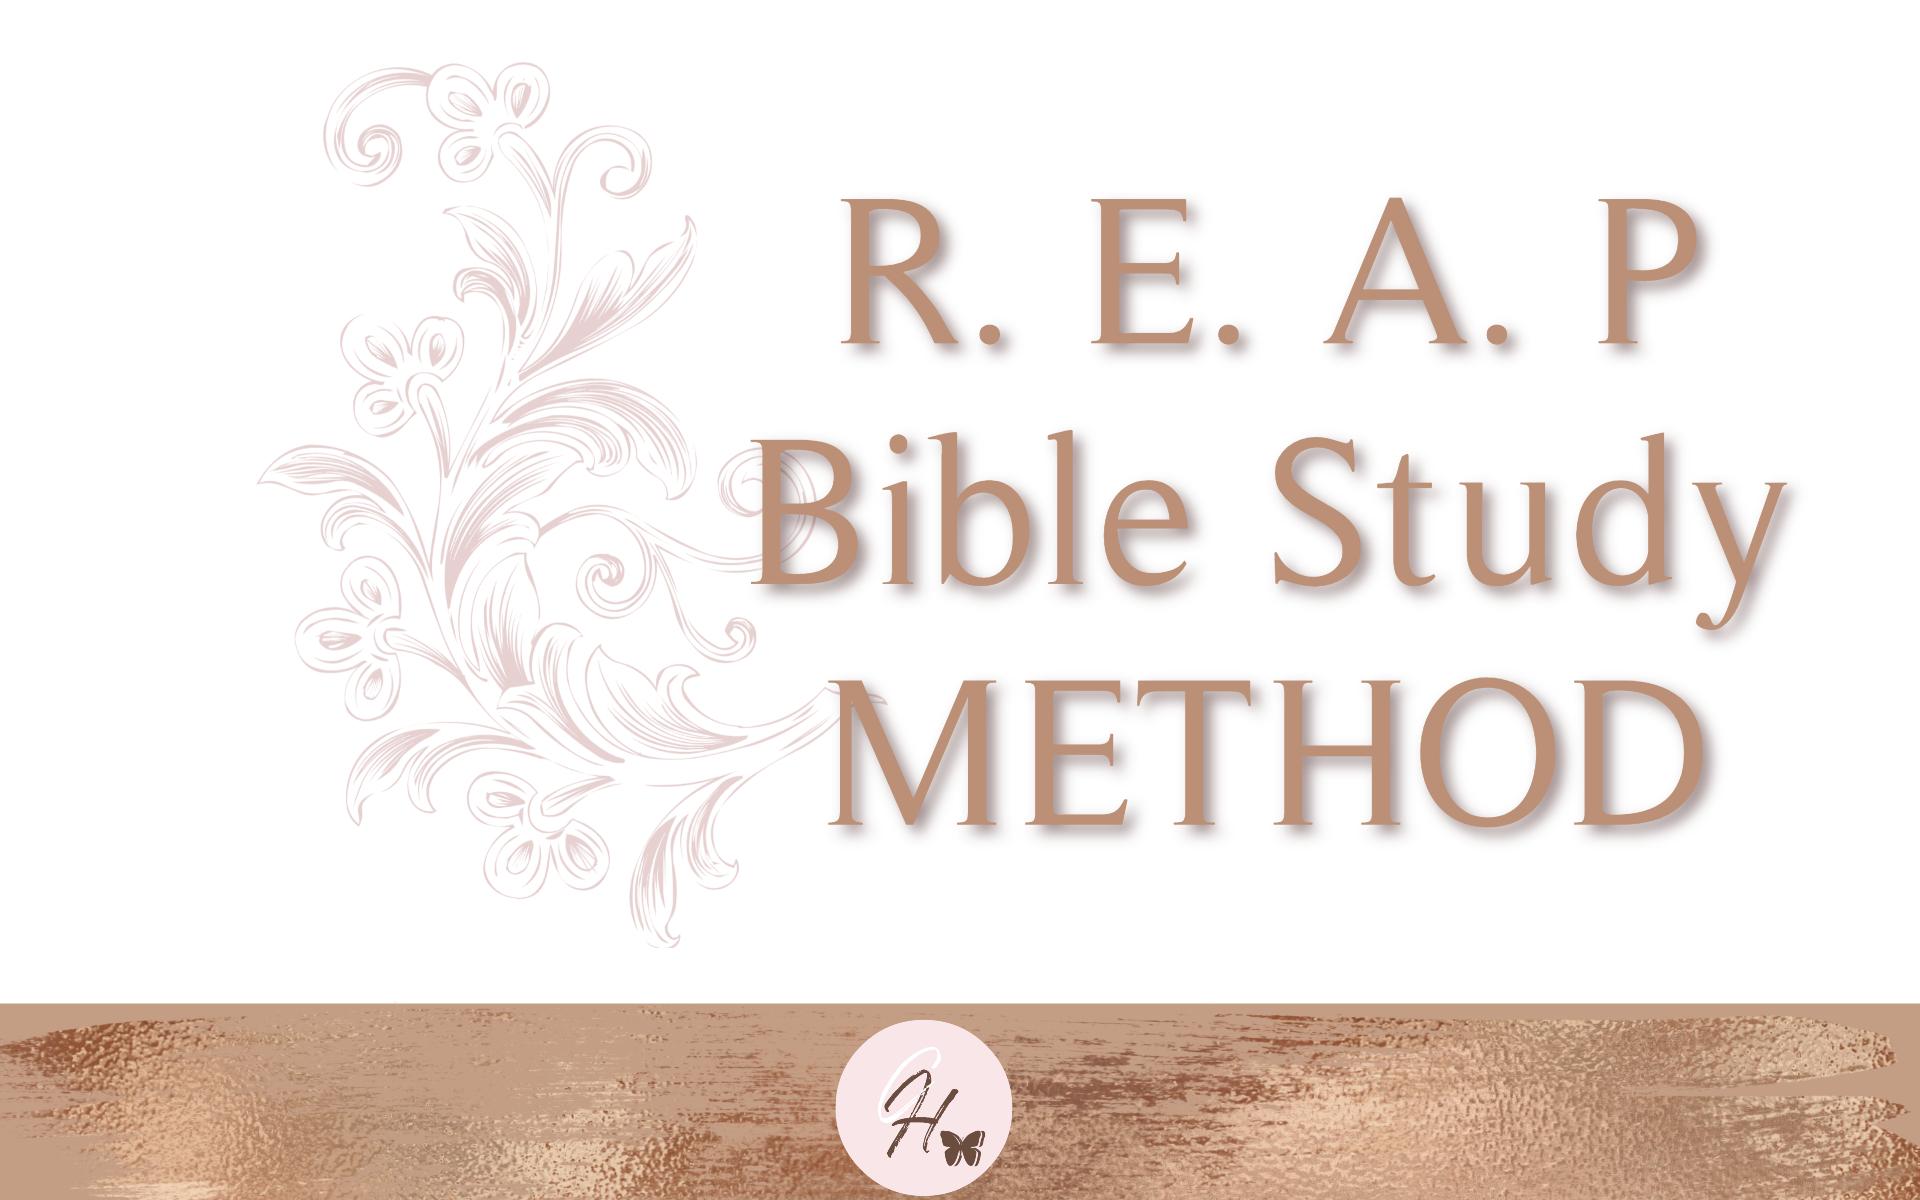 R.E.A.P Bible Study Method